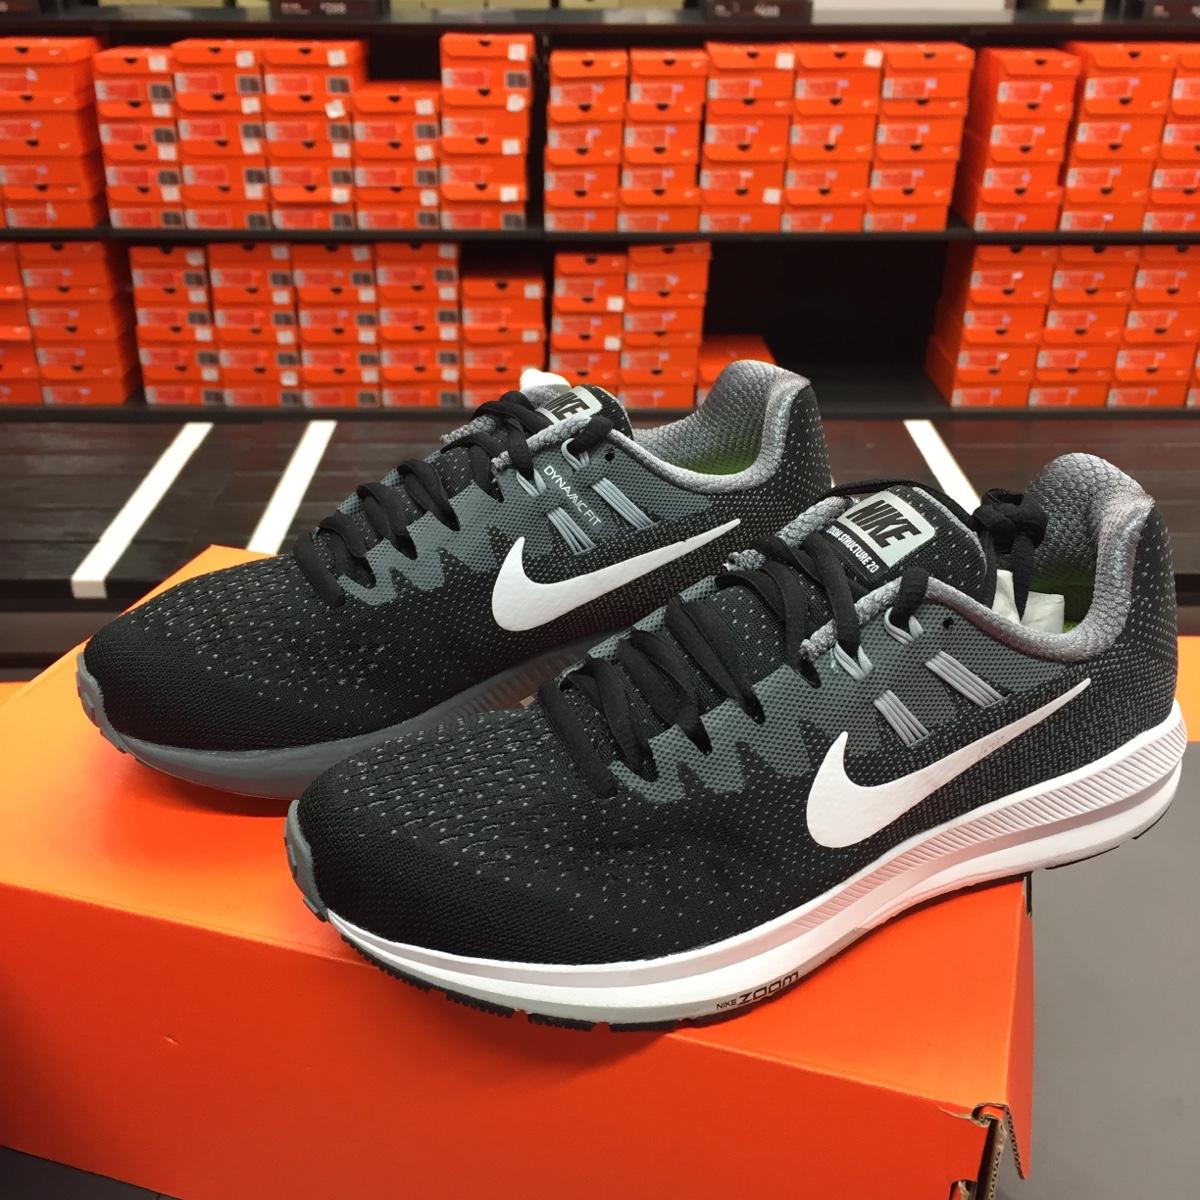 耐克气垫运动鞋 Nike  耐克女鞋新款2AIR ZOOM网面气垫休闲运动跑步鞋 849577_推荐淘宝好看的女耐克气垫运动鞋